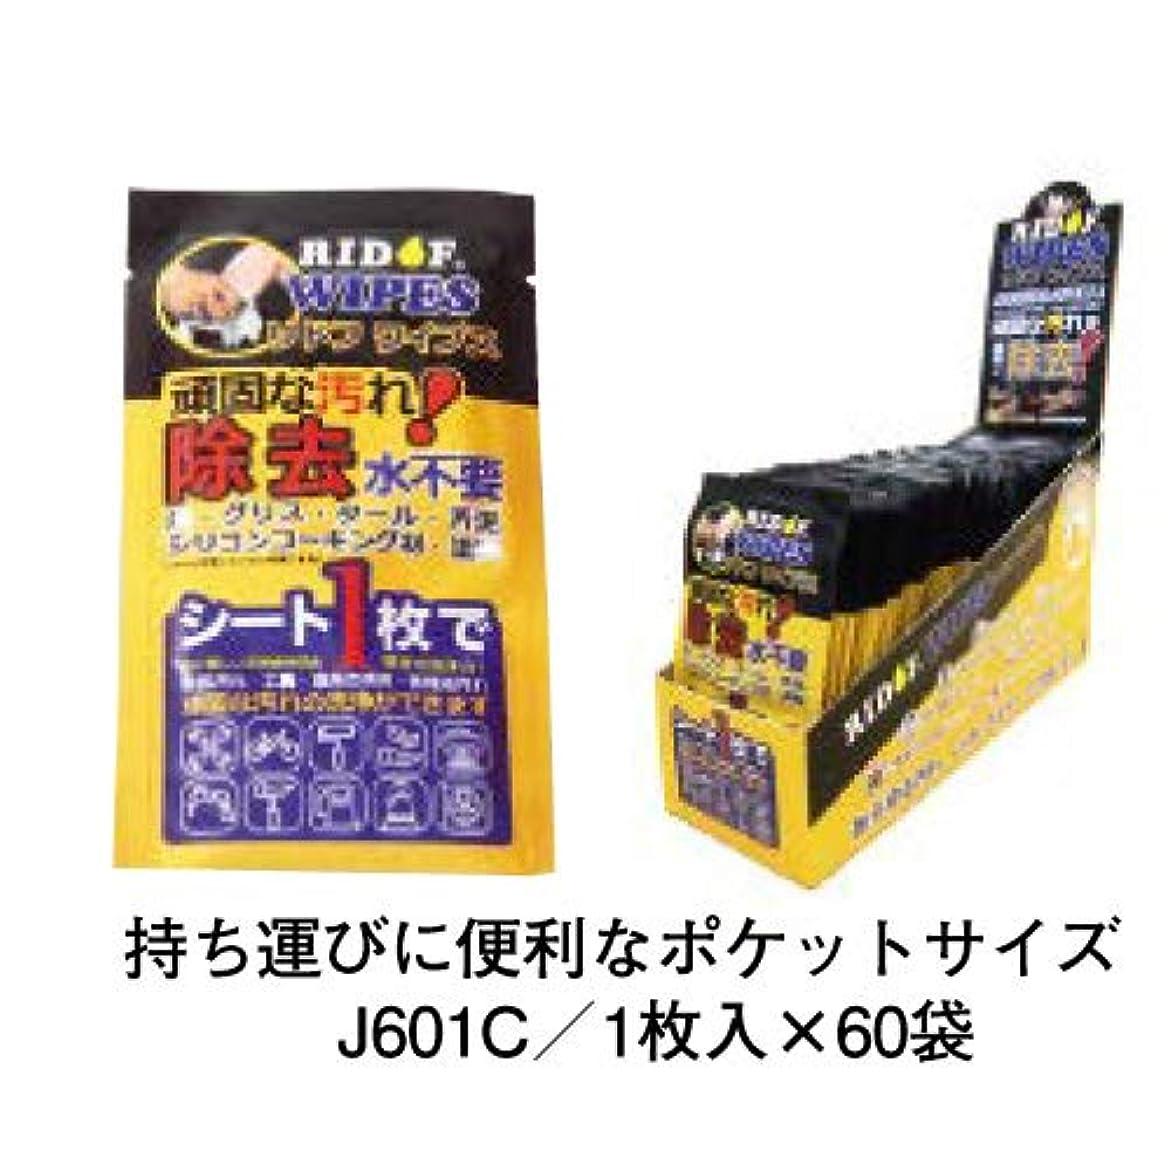 読書ステーキ中絶リドフワイプス ポケットタイプ/1枚入×60袋 J601C